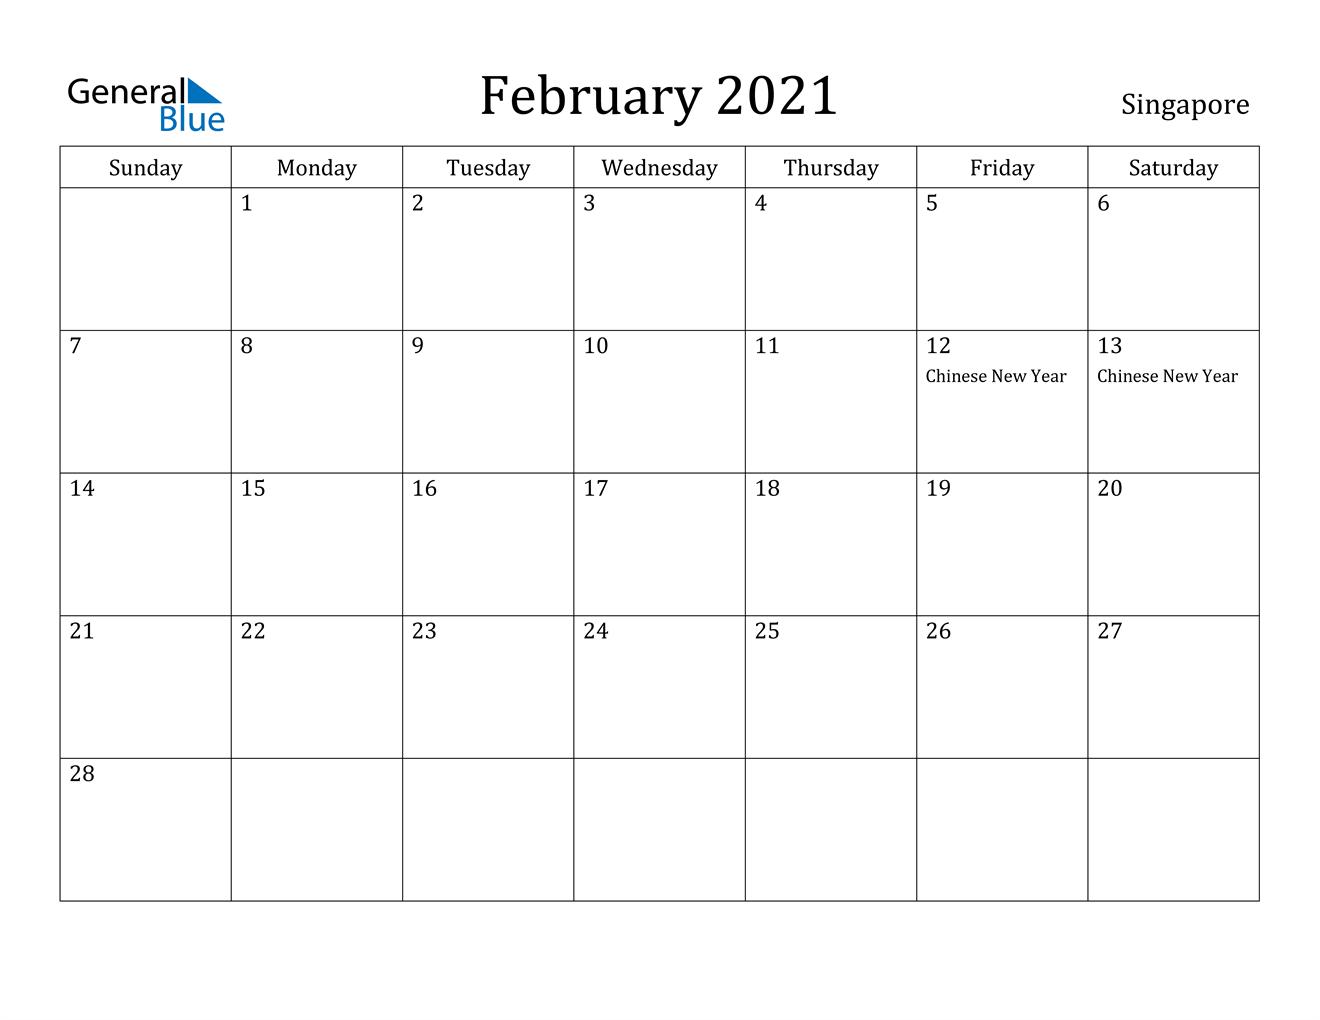 February 2021 Calendar - Singapore